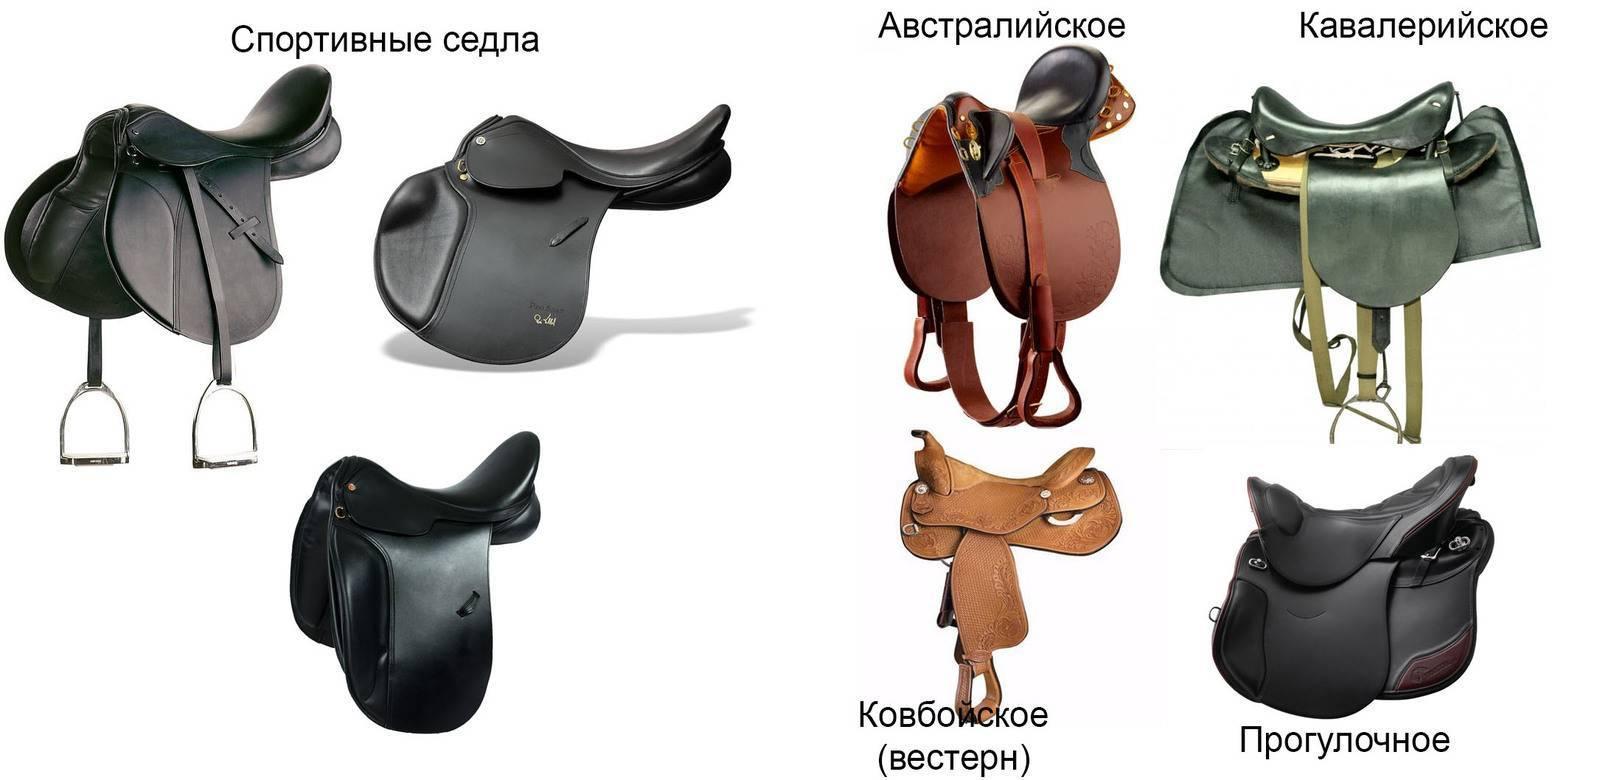 Амуниция для лошадей: в снаряжение для коня входят ошейник, хомут, стремена, ногавки